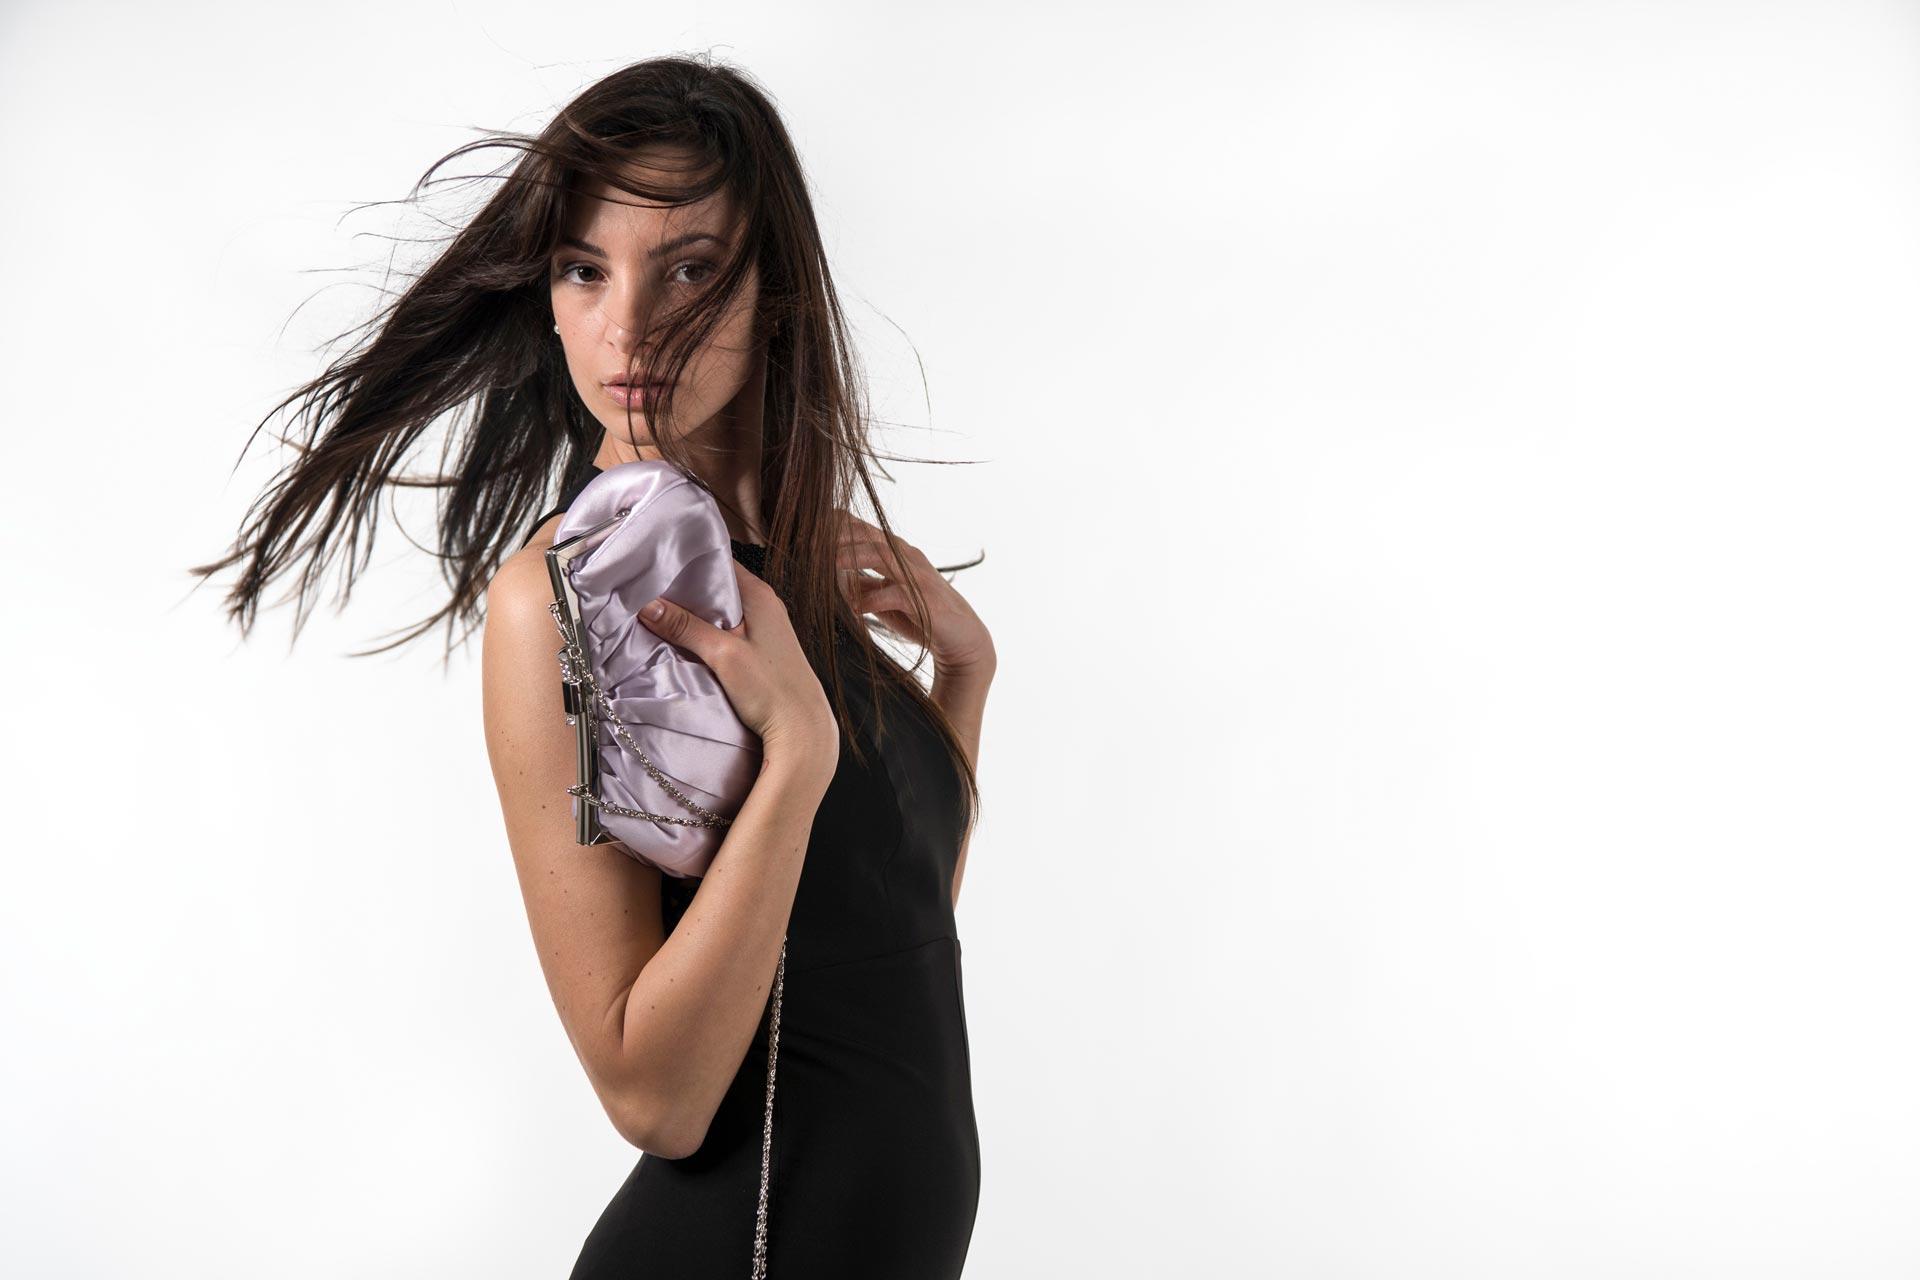 fotografia commerciale e aziendale, foto fashion ragazza con borsetta